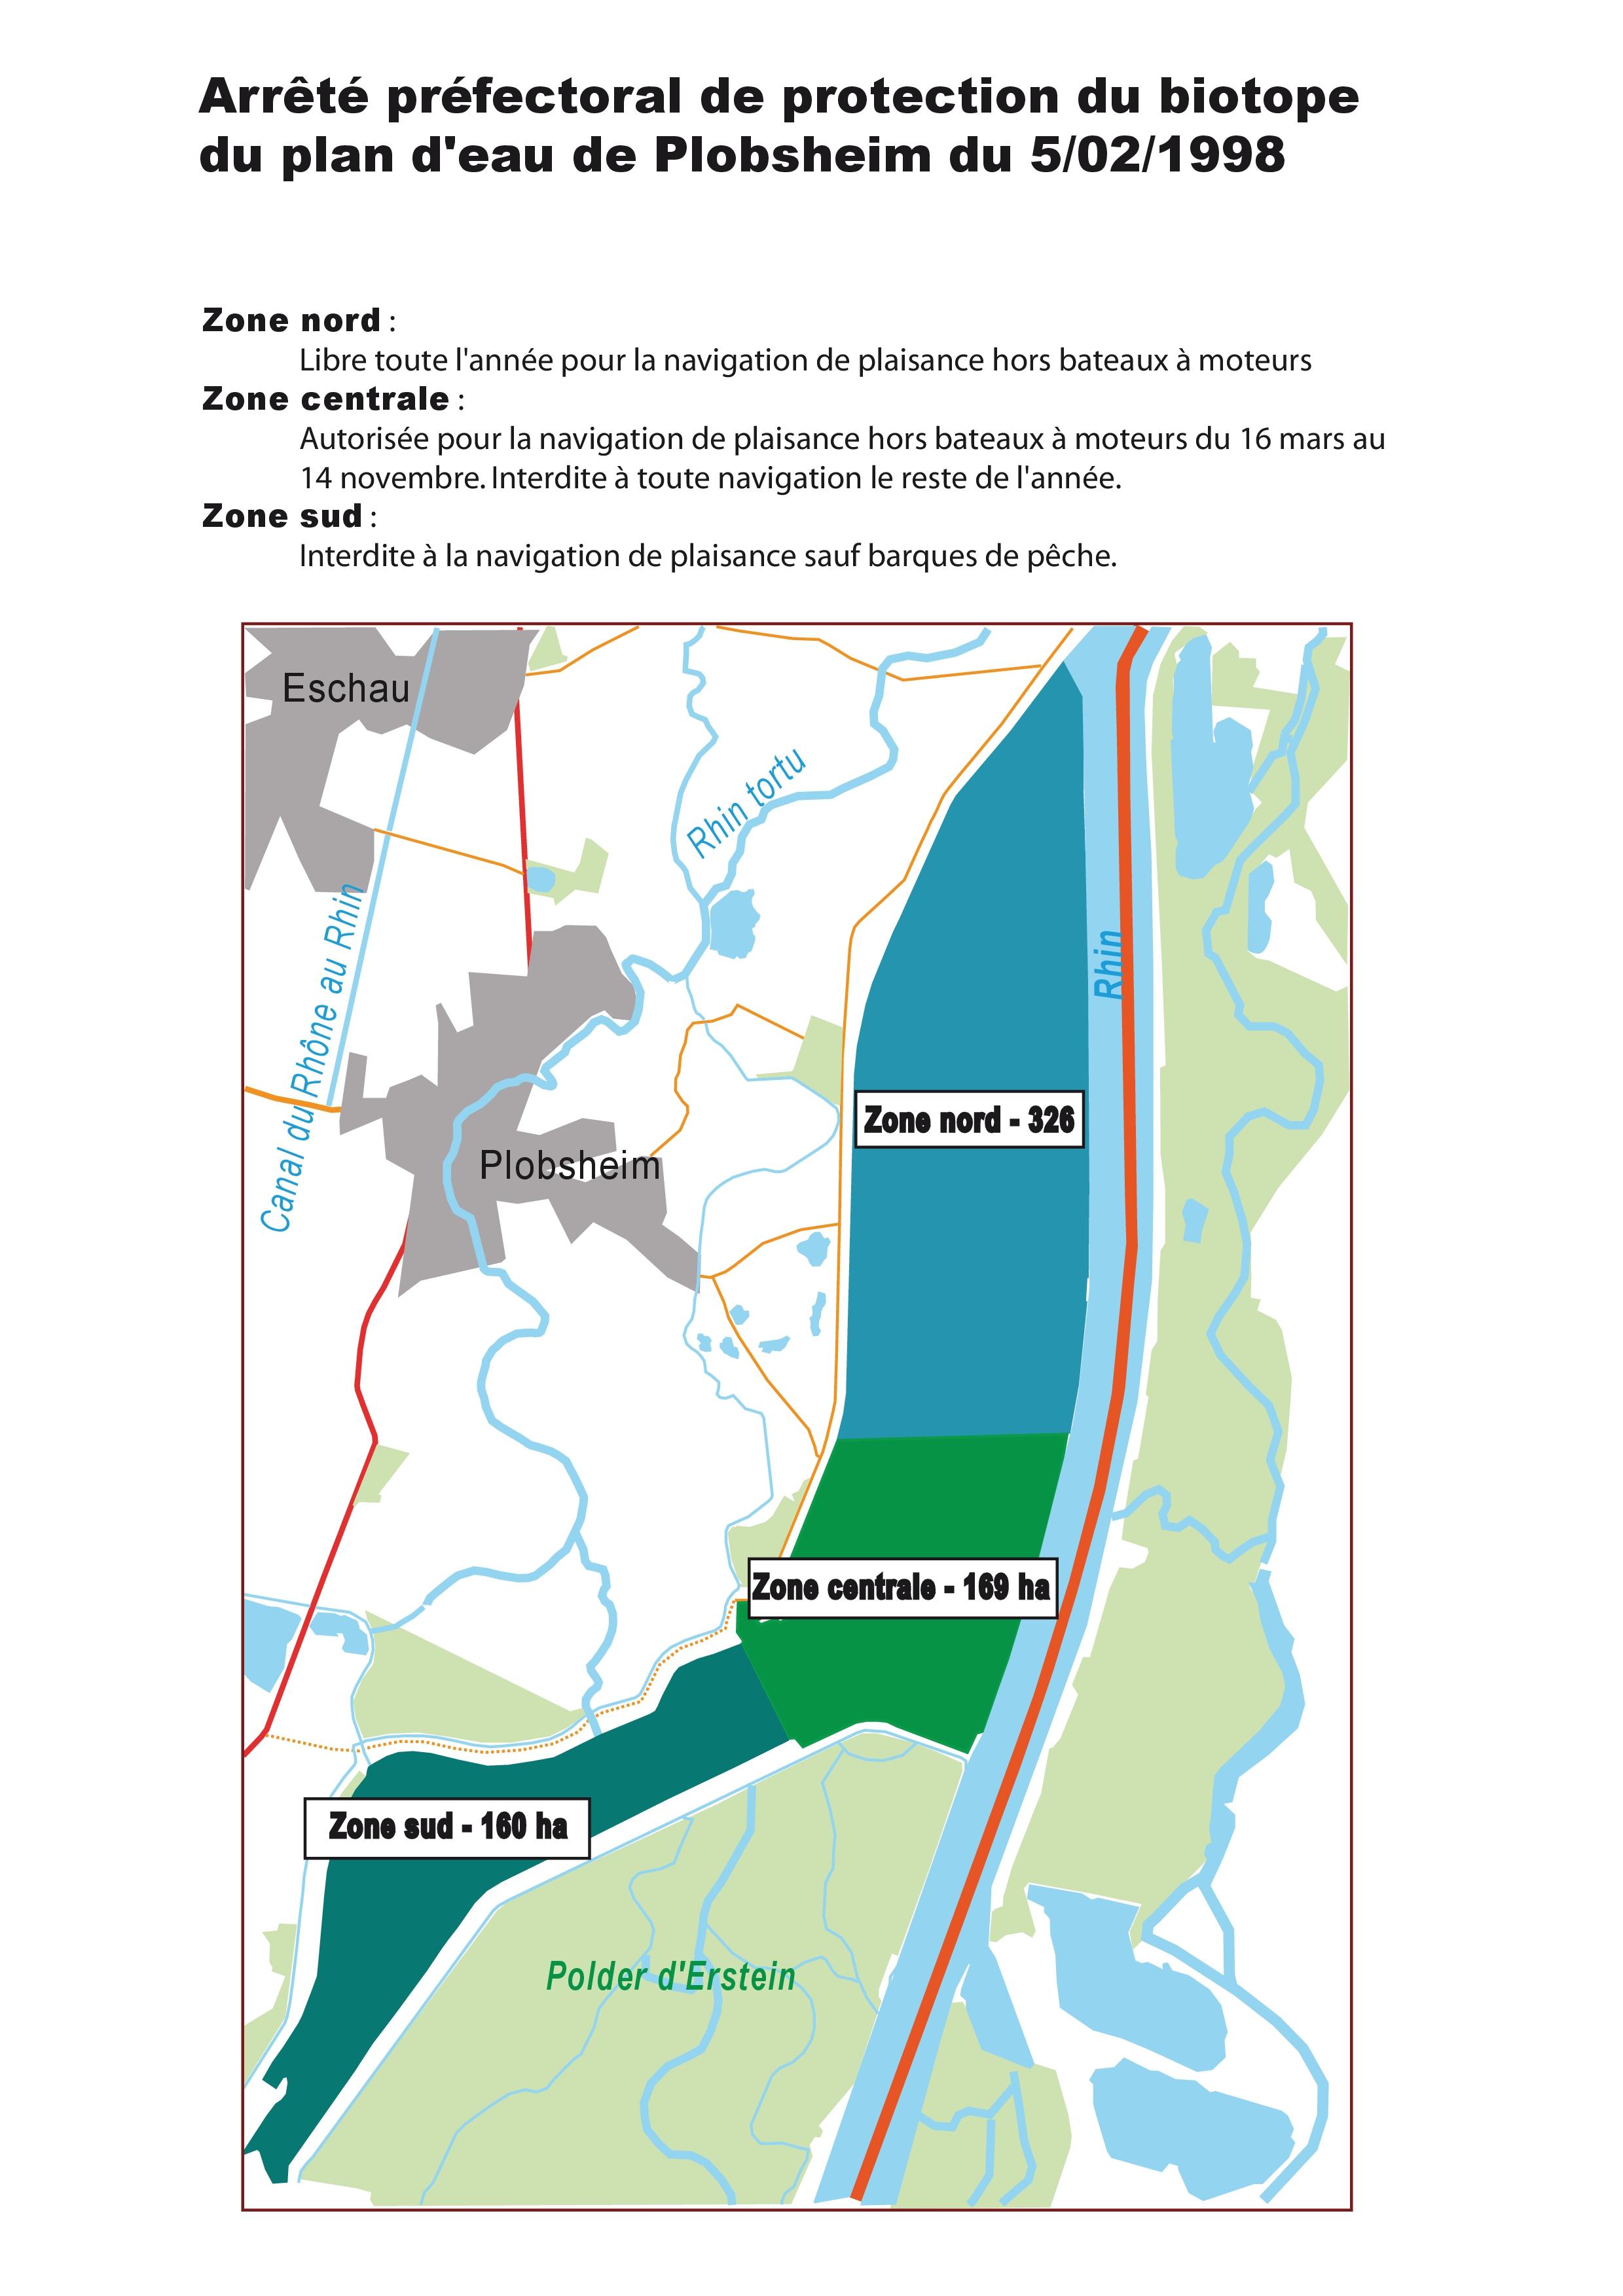 Télécharger la carte des zones de navigation (PDF).